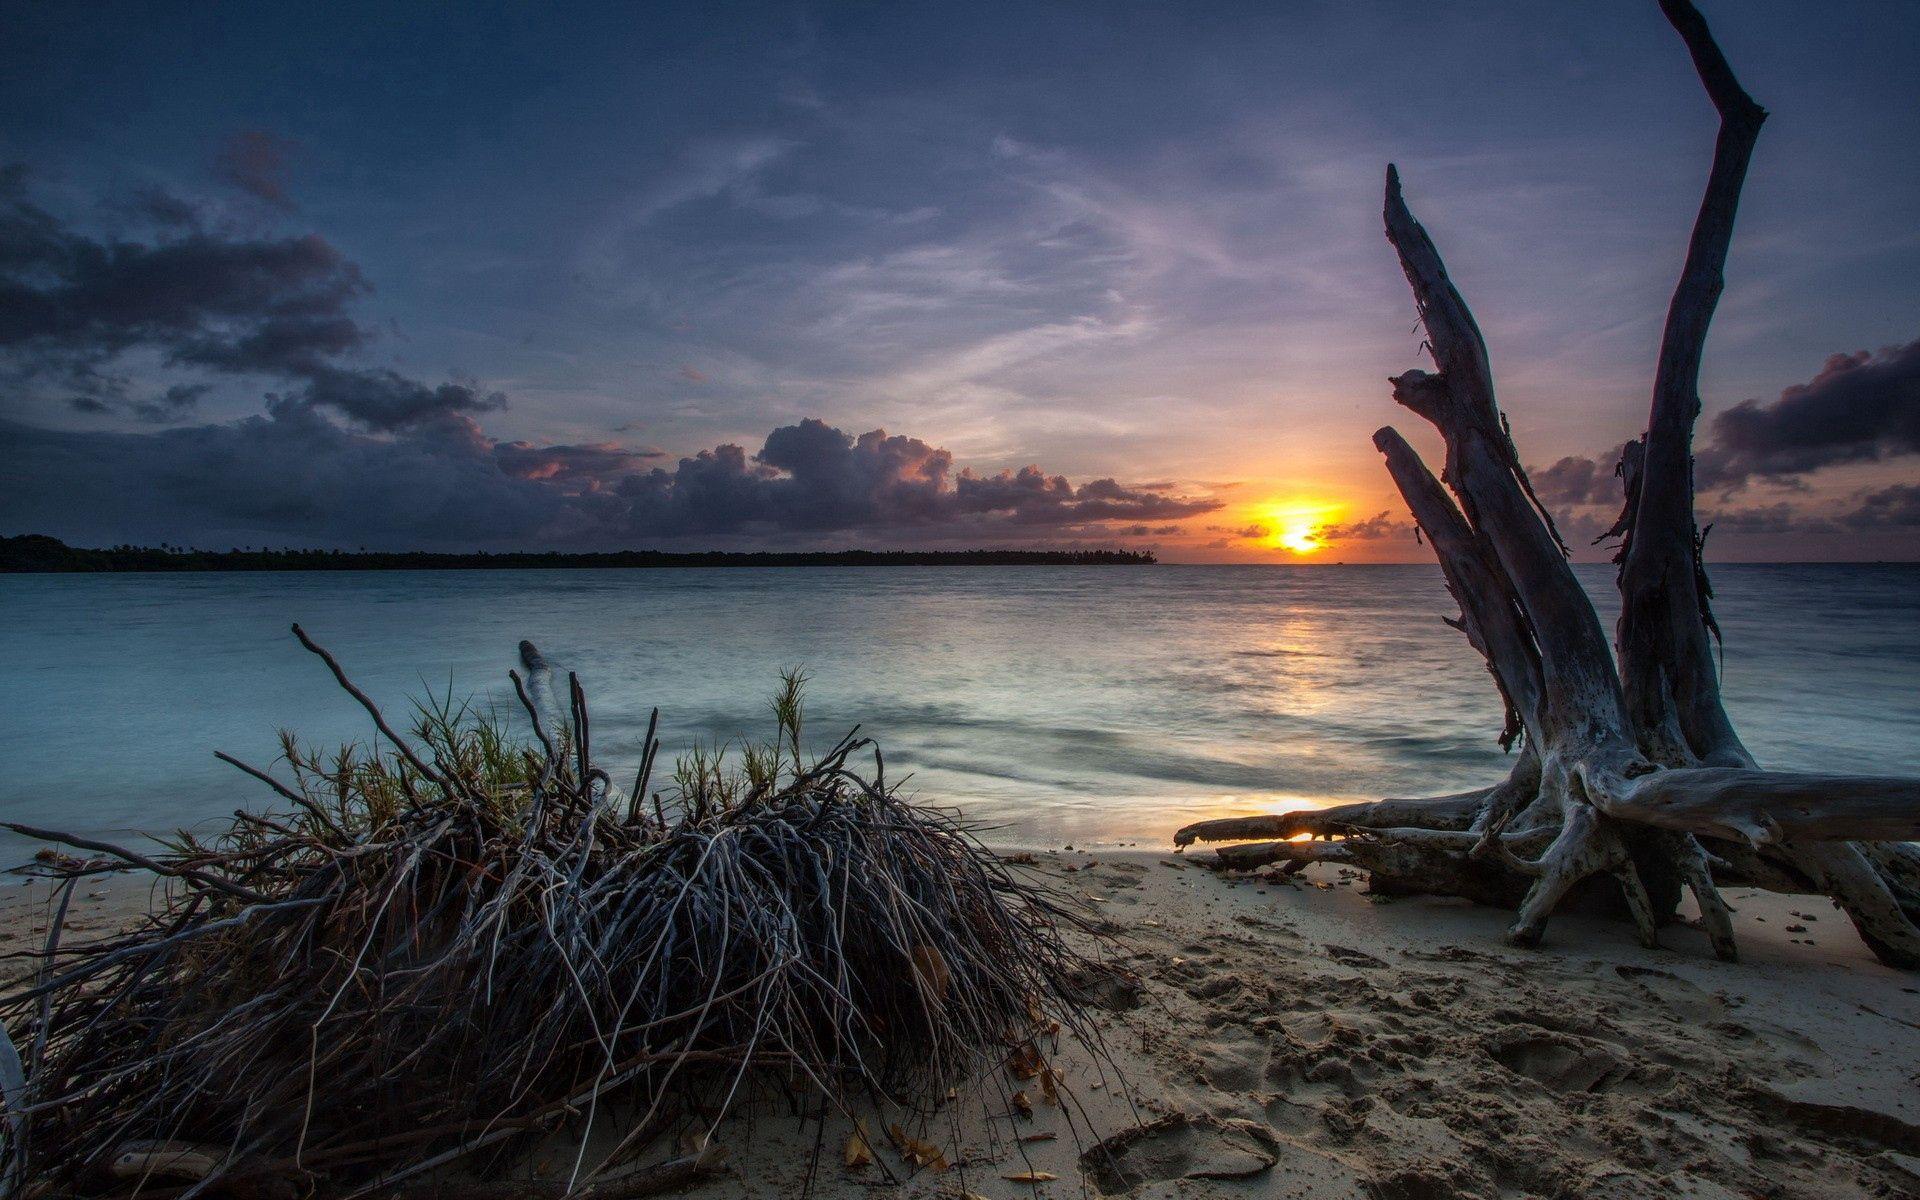 106004 Заставки и Обои Песок на телефон. Скачать Природа, Море, Песок, Берег, Коряги картинки бесплатно